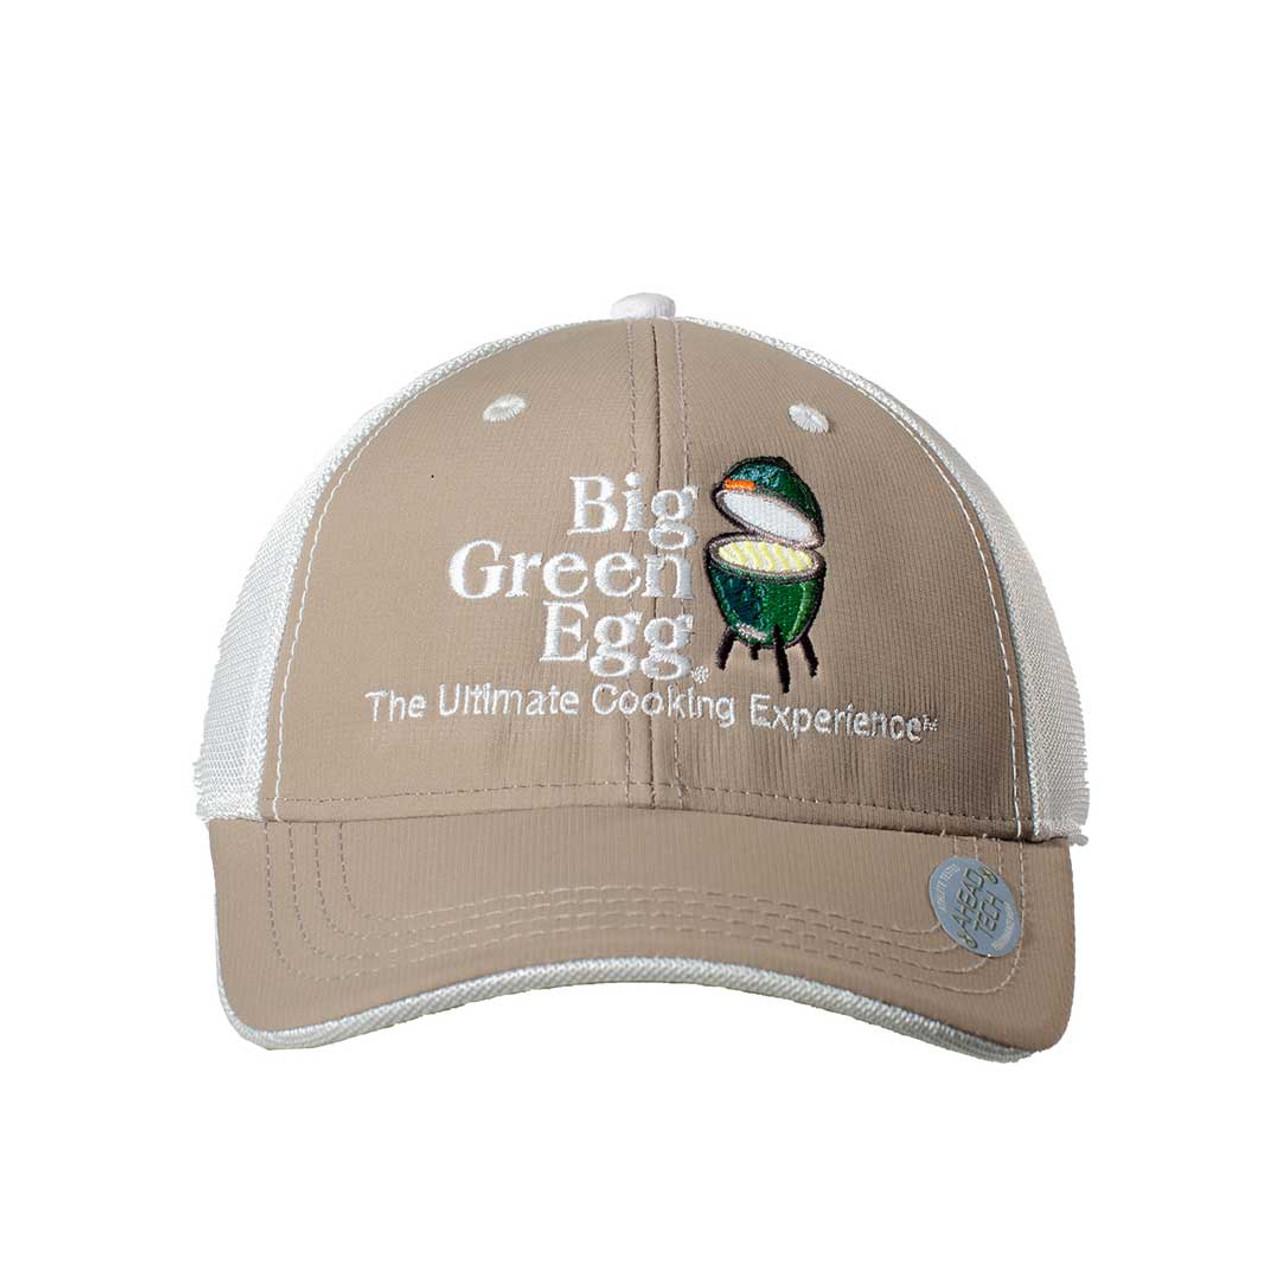 Big Green Egg UPF 50+ Logo Cap – Khaki/White - Front View